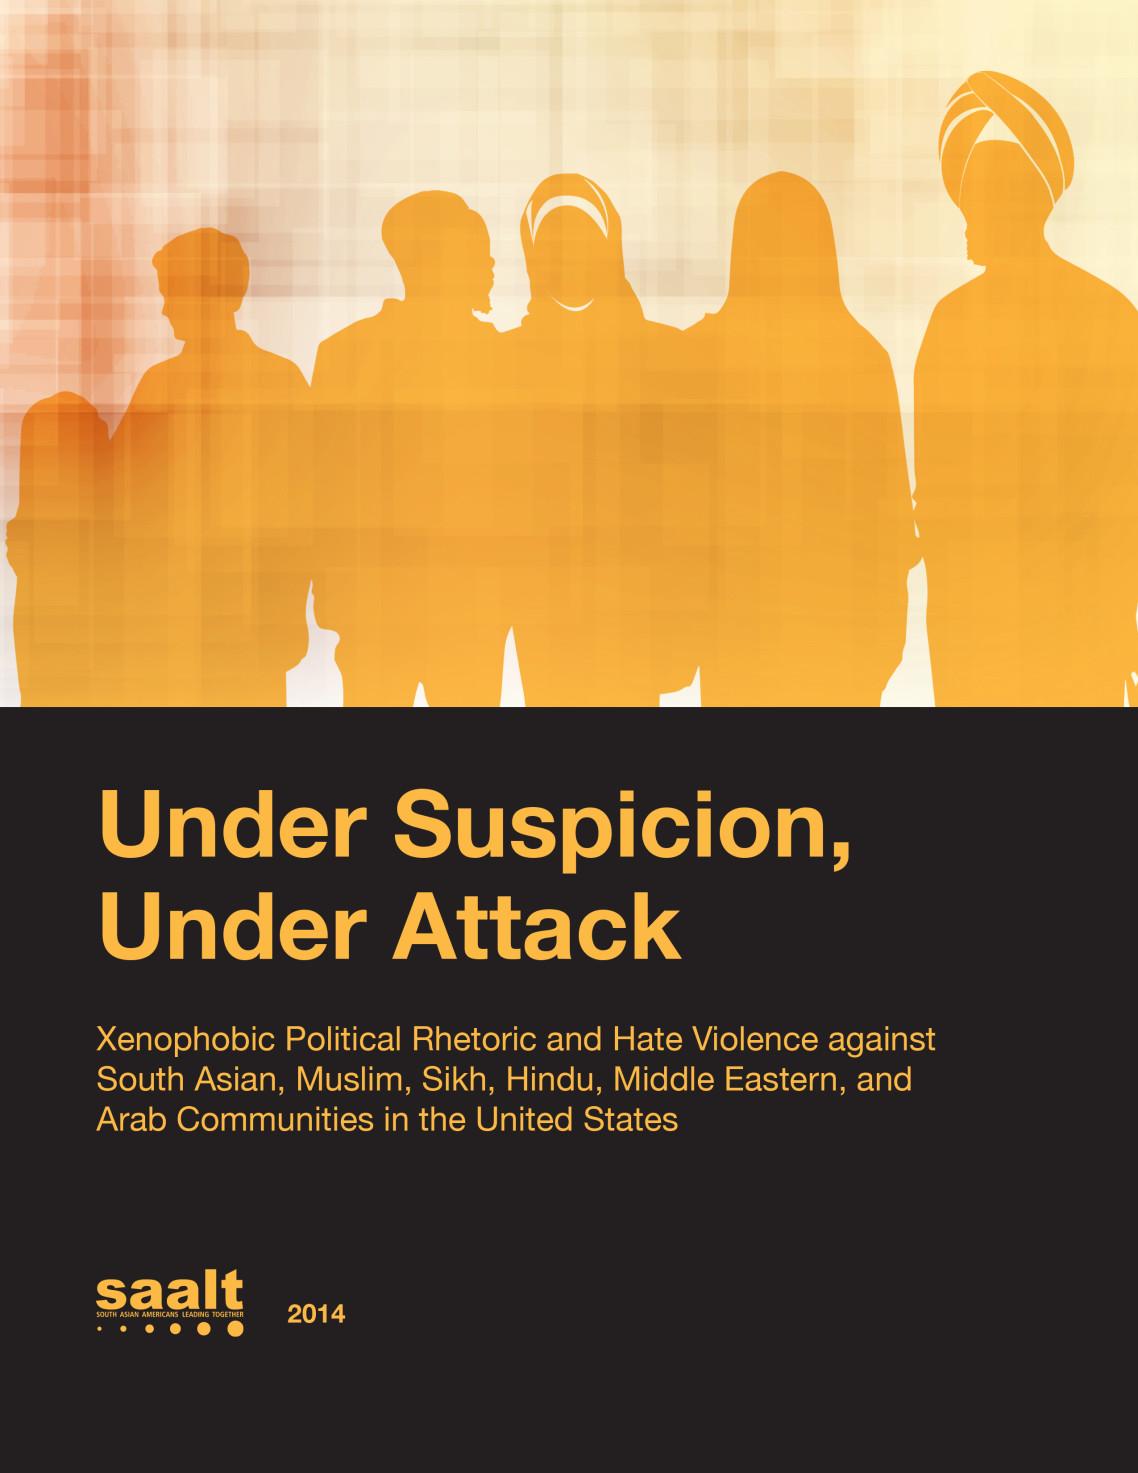 Under Suspicion, Under Attack